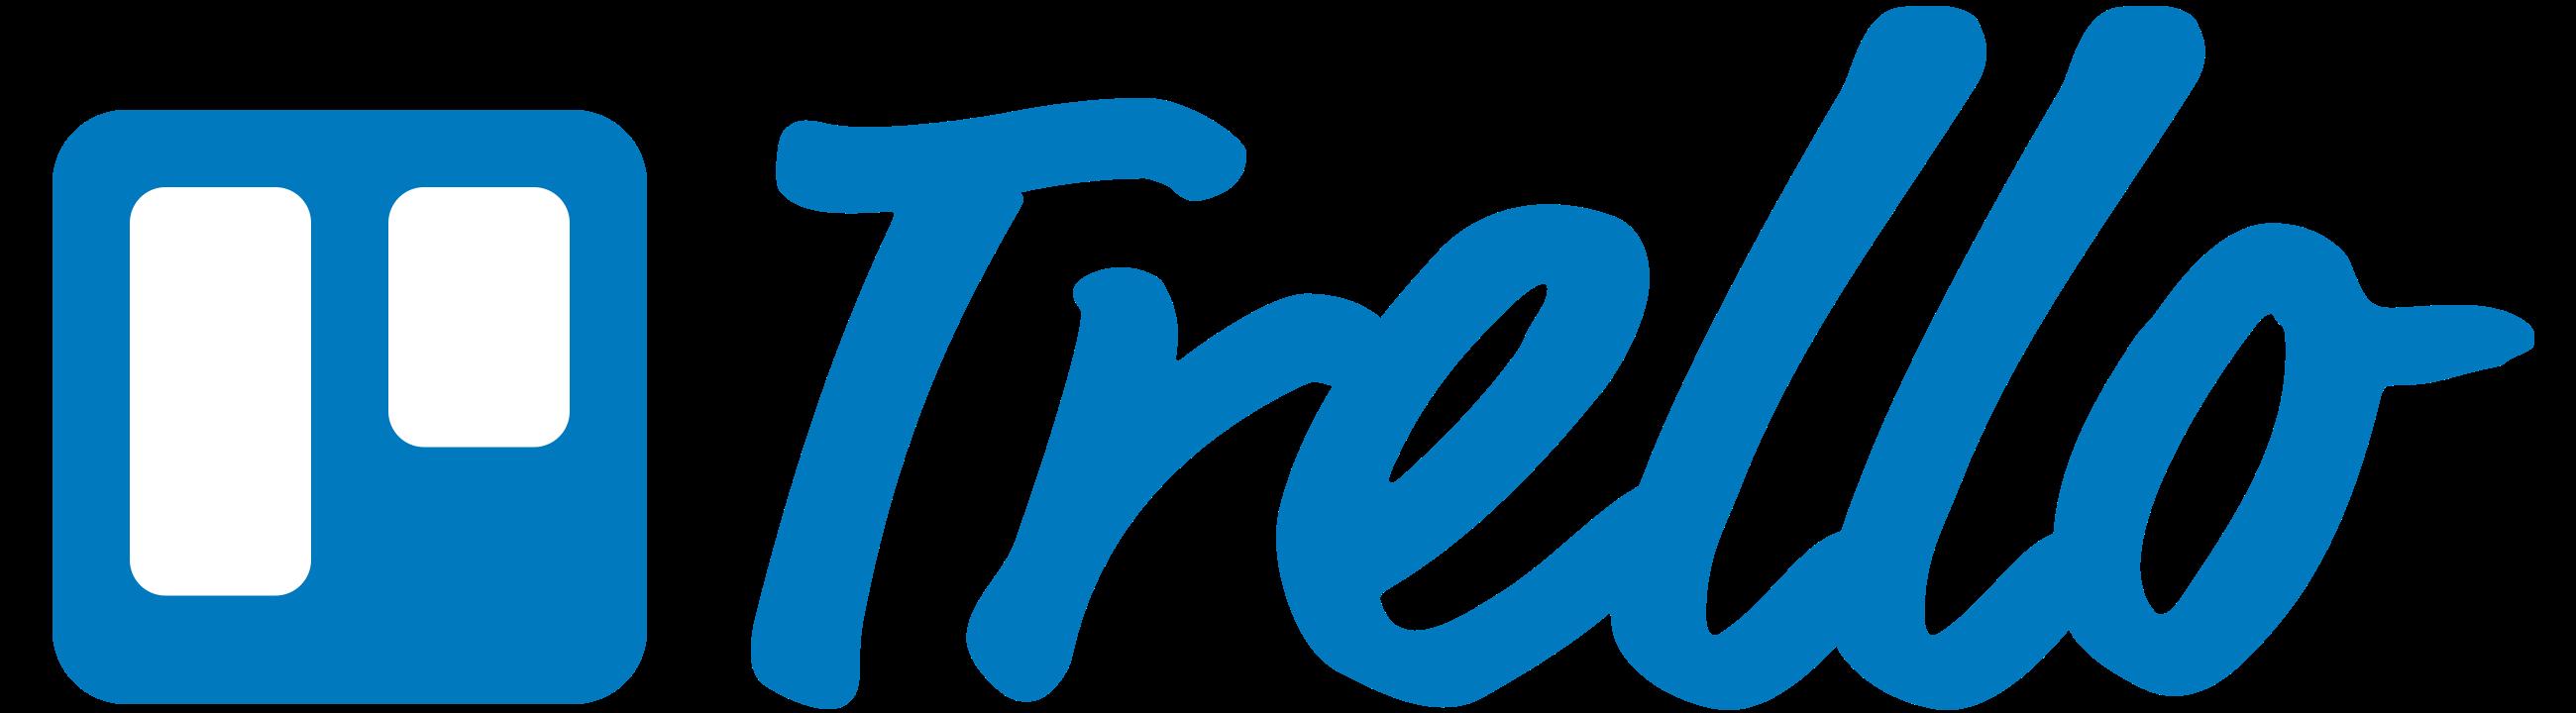 Image result for trello